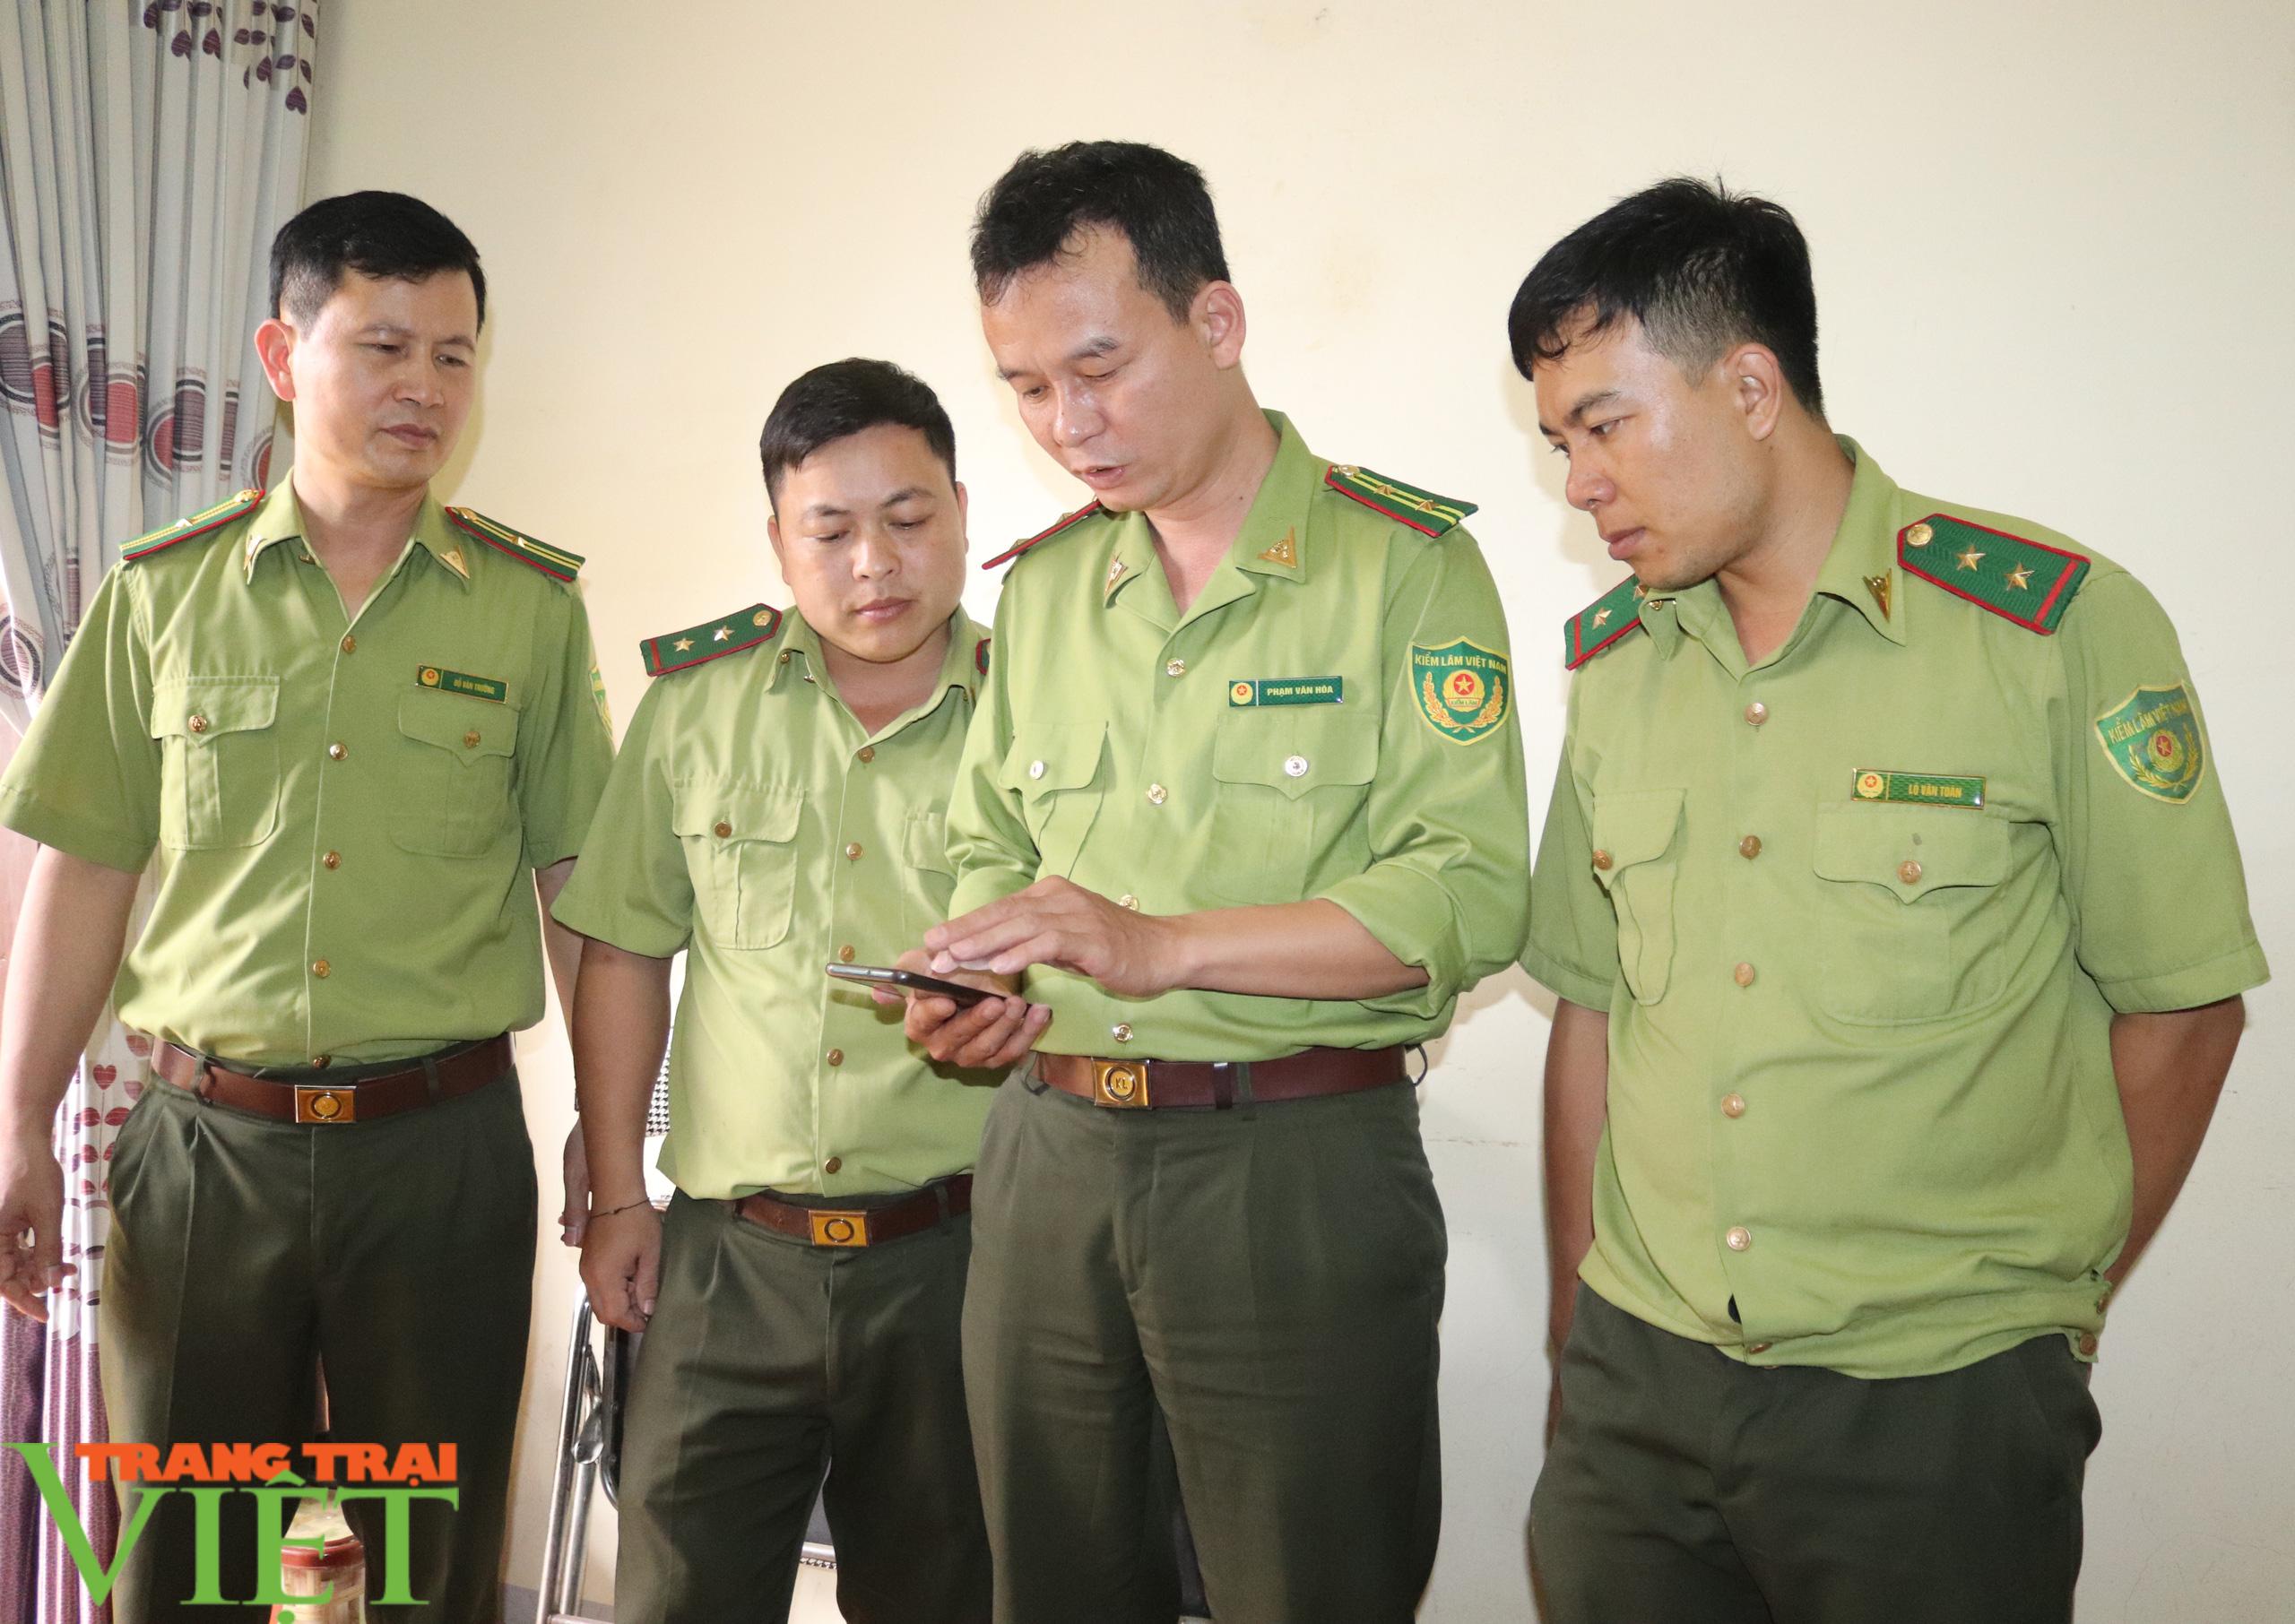 Hạt Kiểm lâm huyện Phù Yên ứng dụng công nghệ 4.0 trong công tác quản lý, bảo vệ và PCCCR - Ảnh 6.